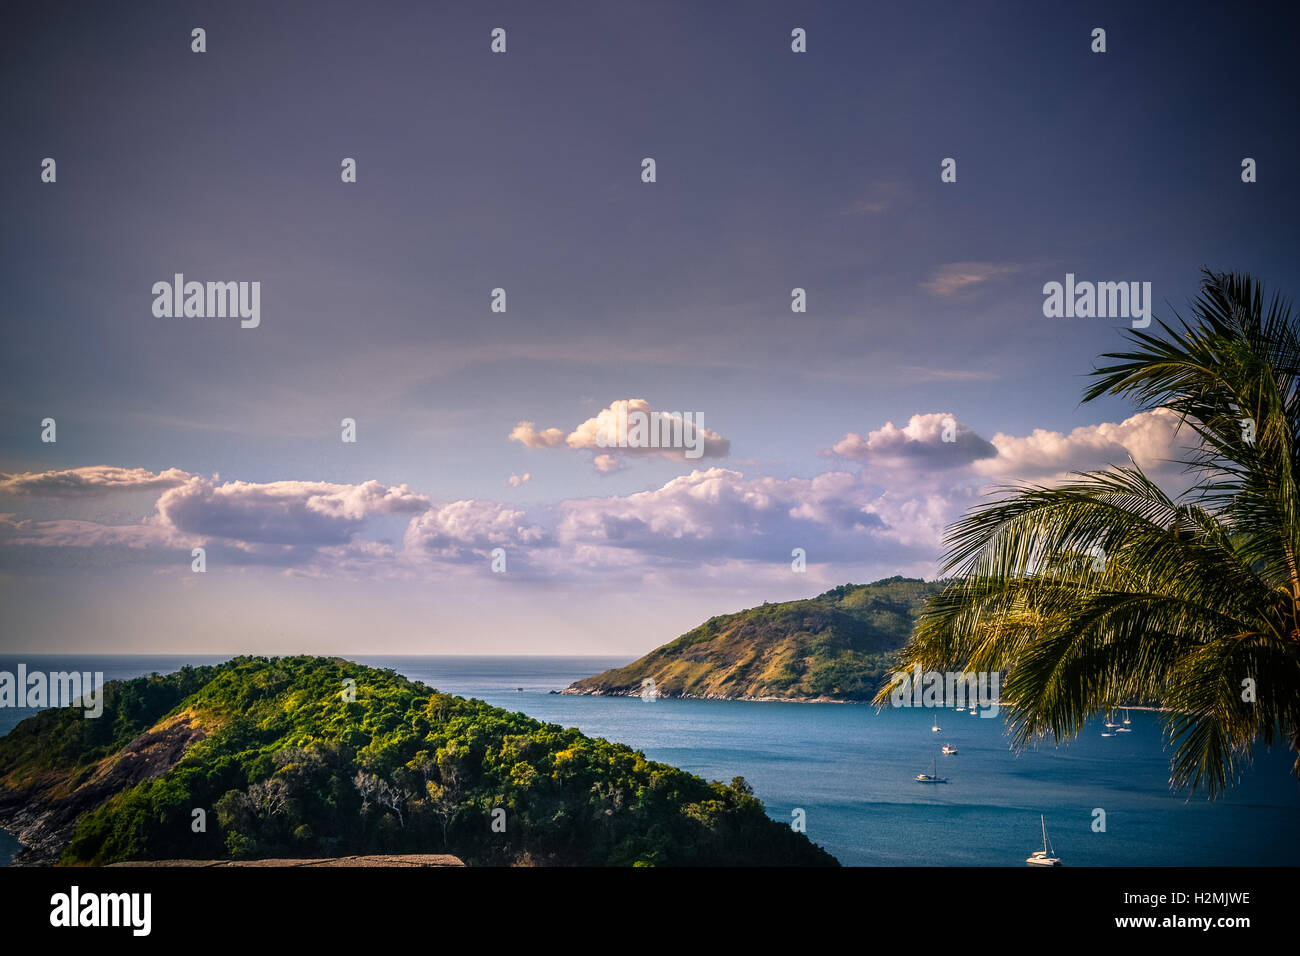 Phuket, viewpoint, boatride, sunset, landscape - Stock Image